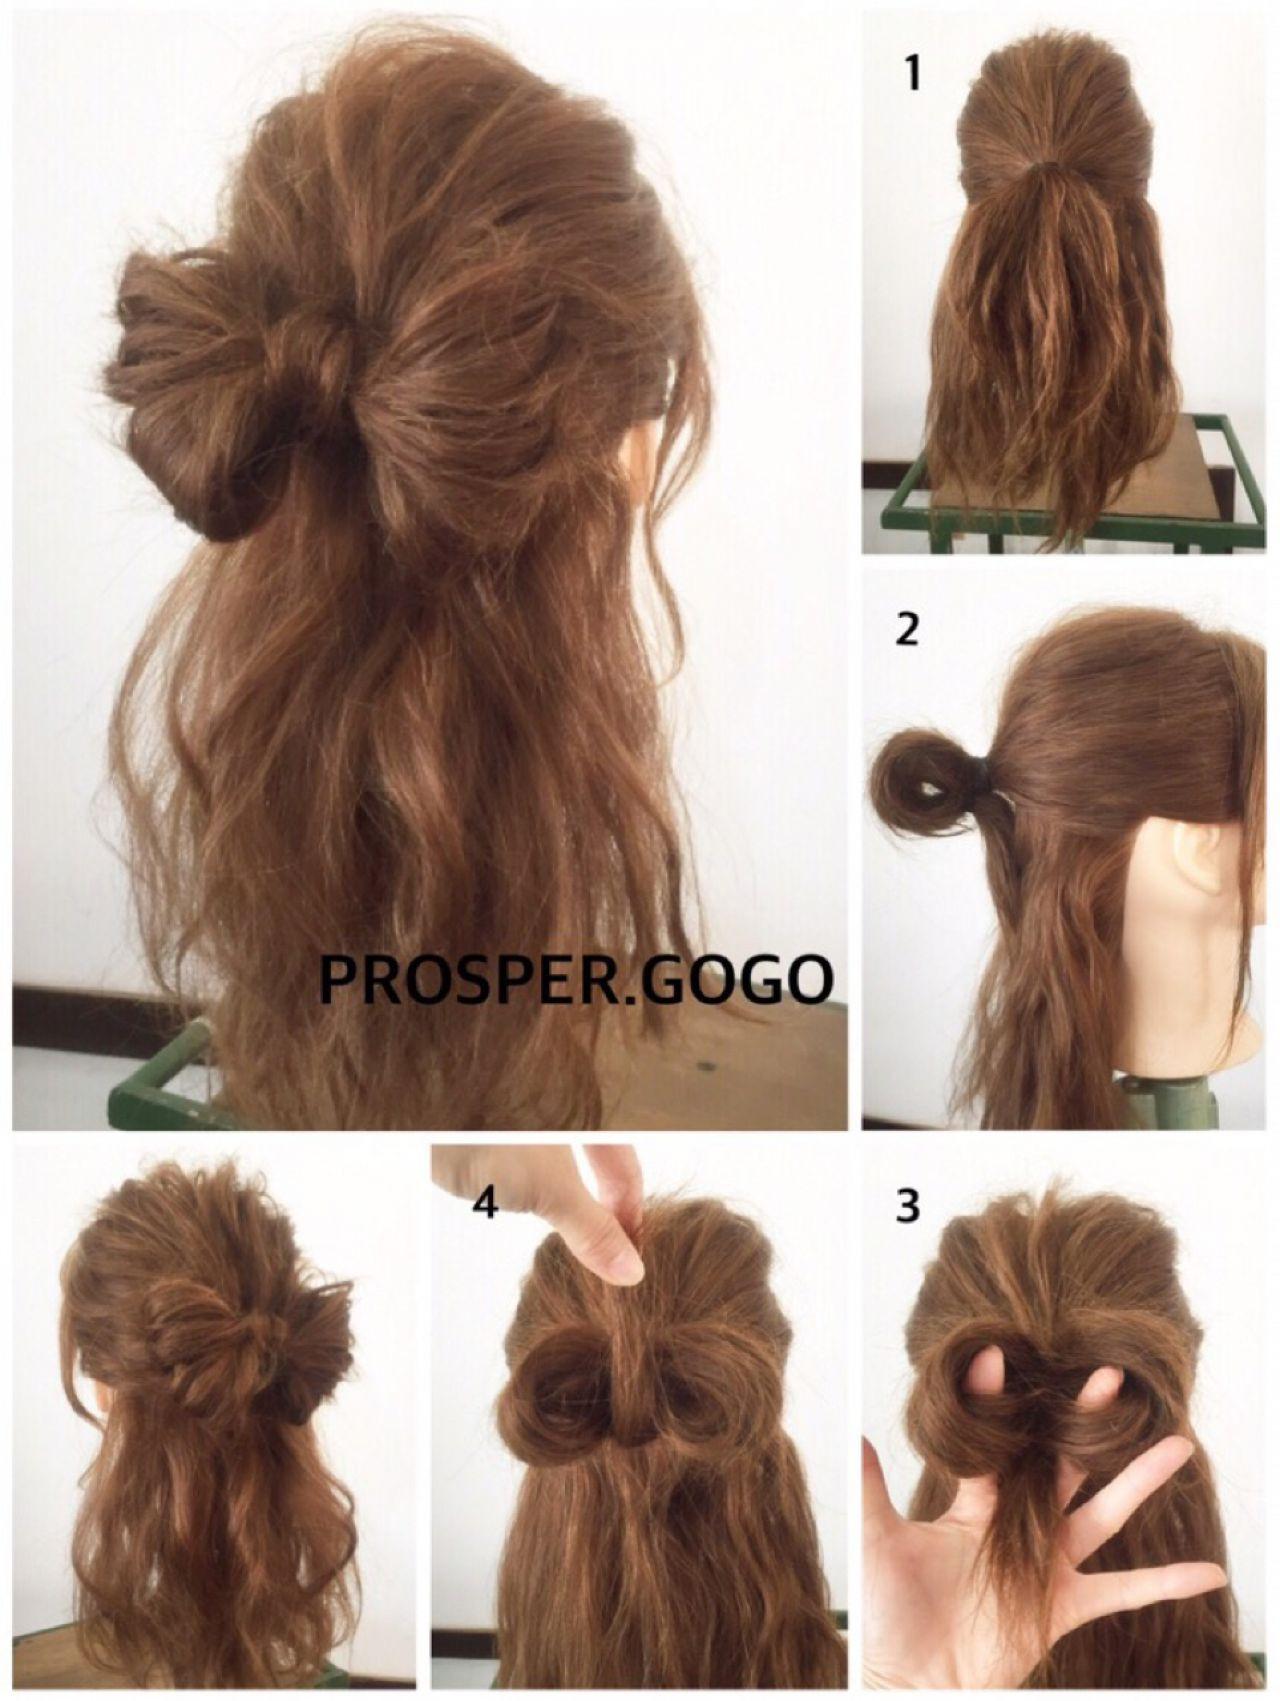 パーティーヘアだってセルフが常識♡自分でできるヘアセット YUKO KAWANO | PROSPER.GOGO(プロスパー.ゴーゴー)